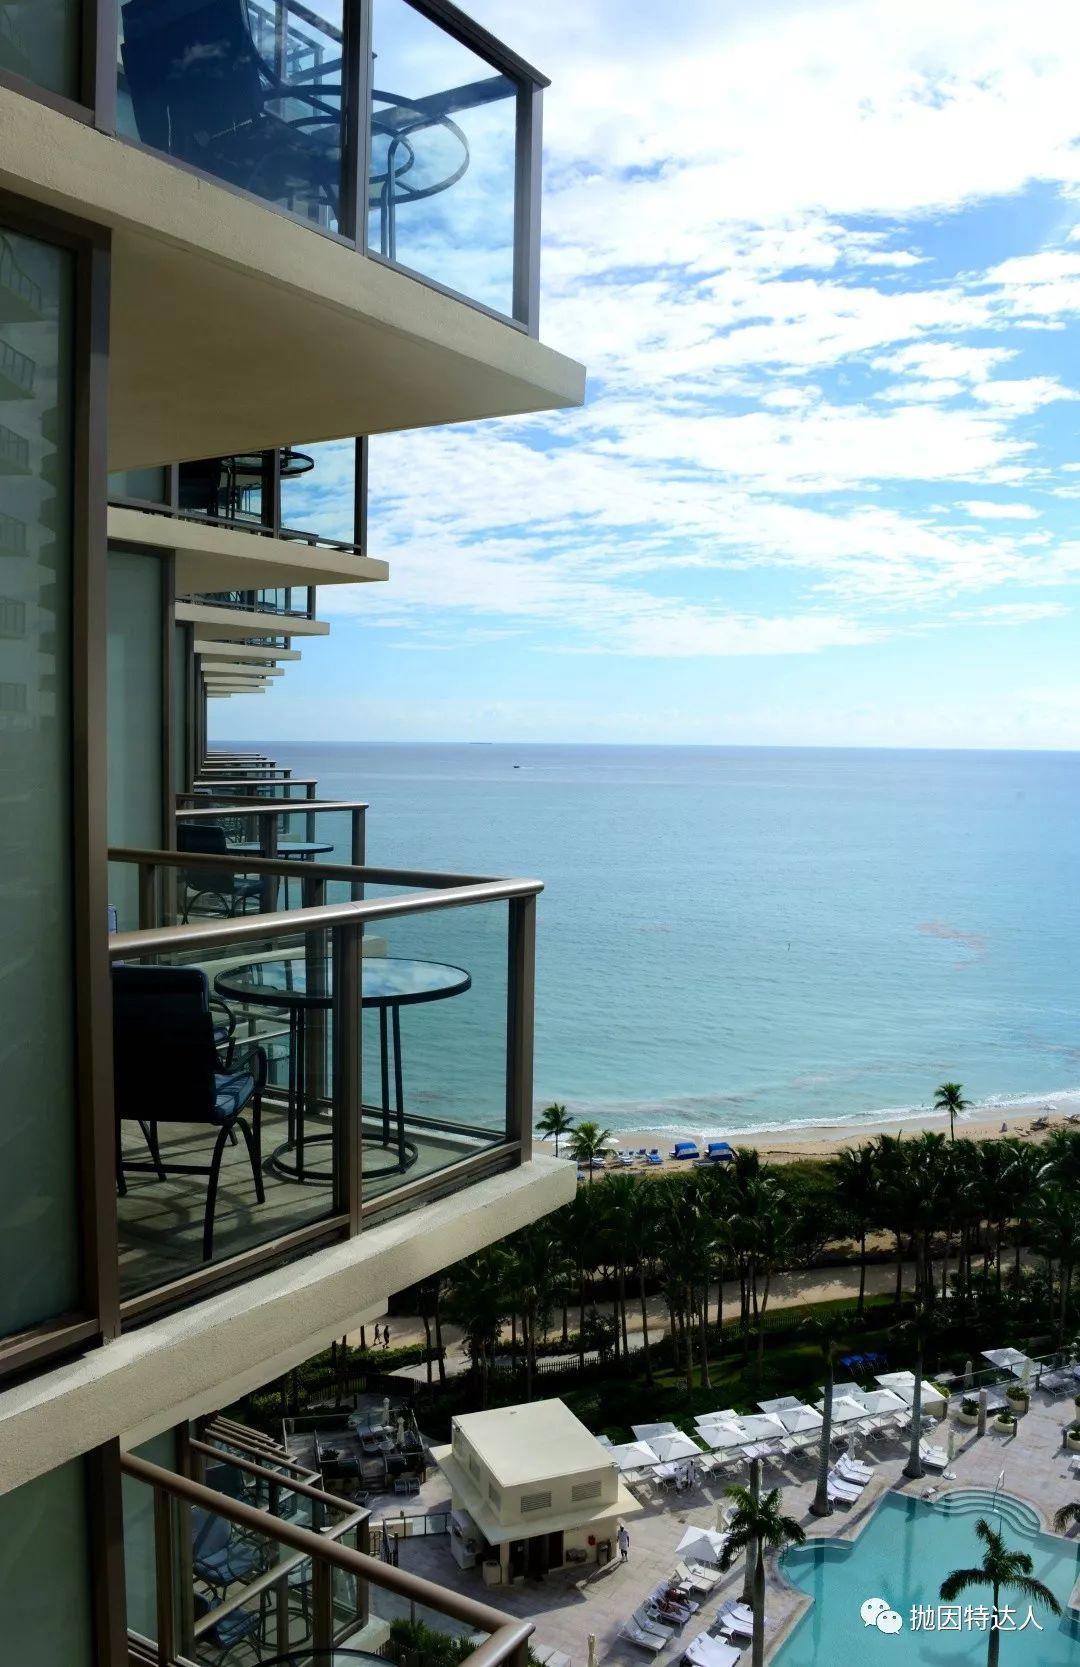 《美国最佳瑞吉?迈阿密巴尔港瑞吉度假酒店(The St Regis Bal Harbour Resort)入住体验报告》